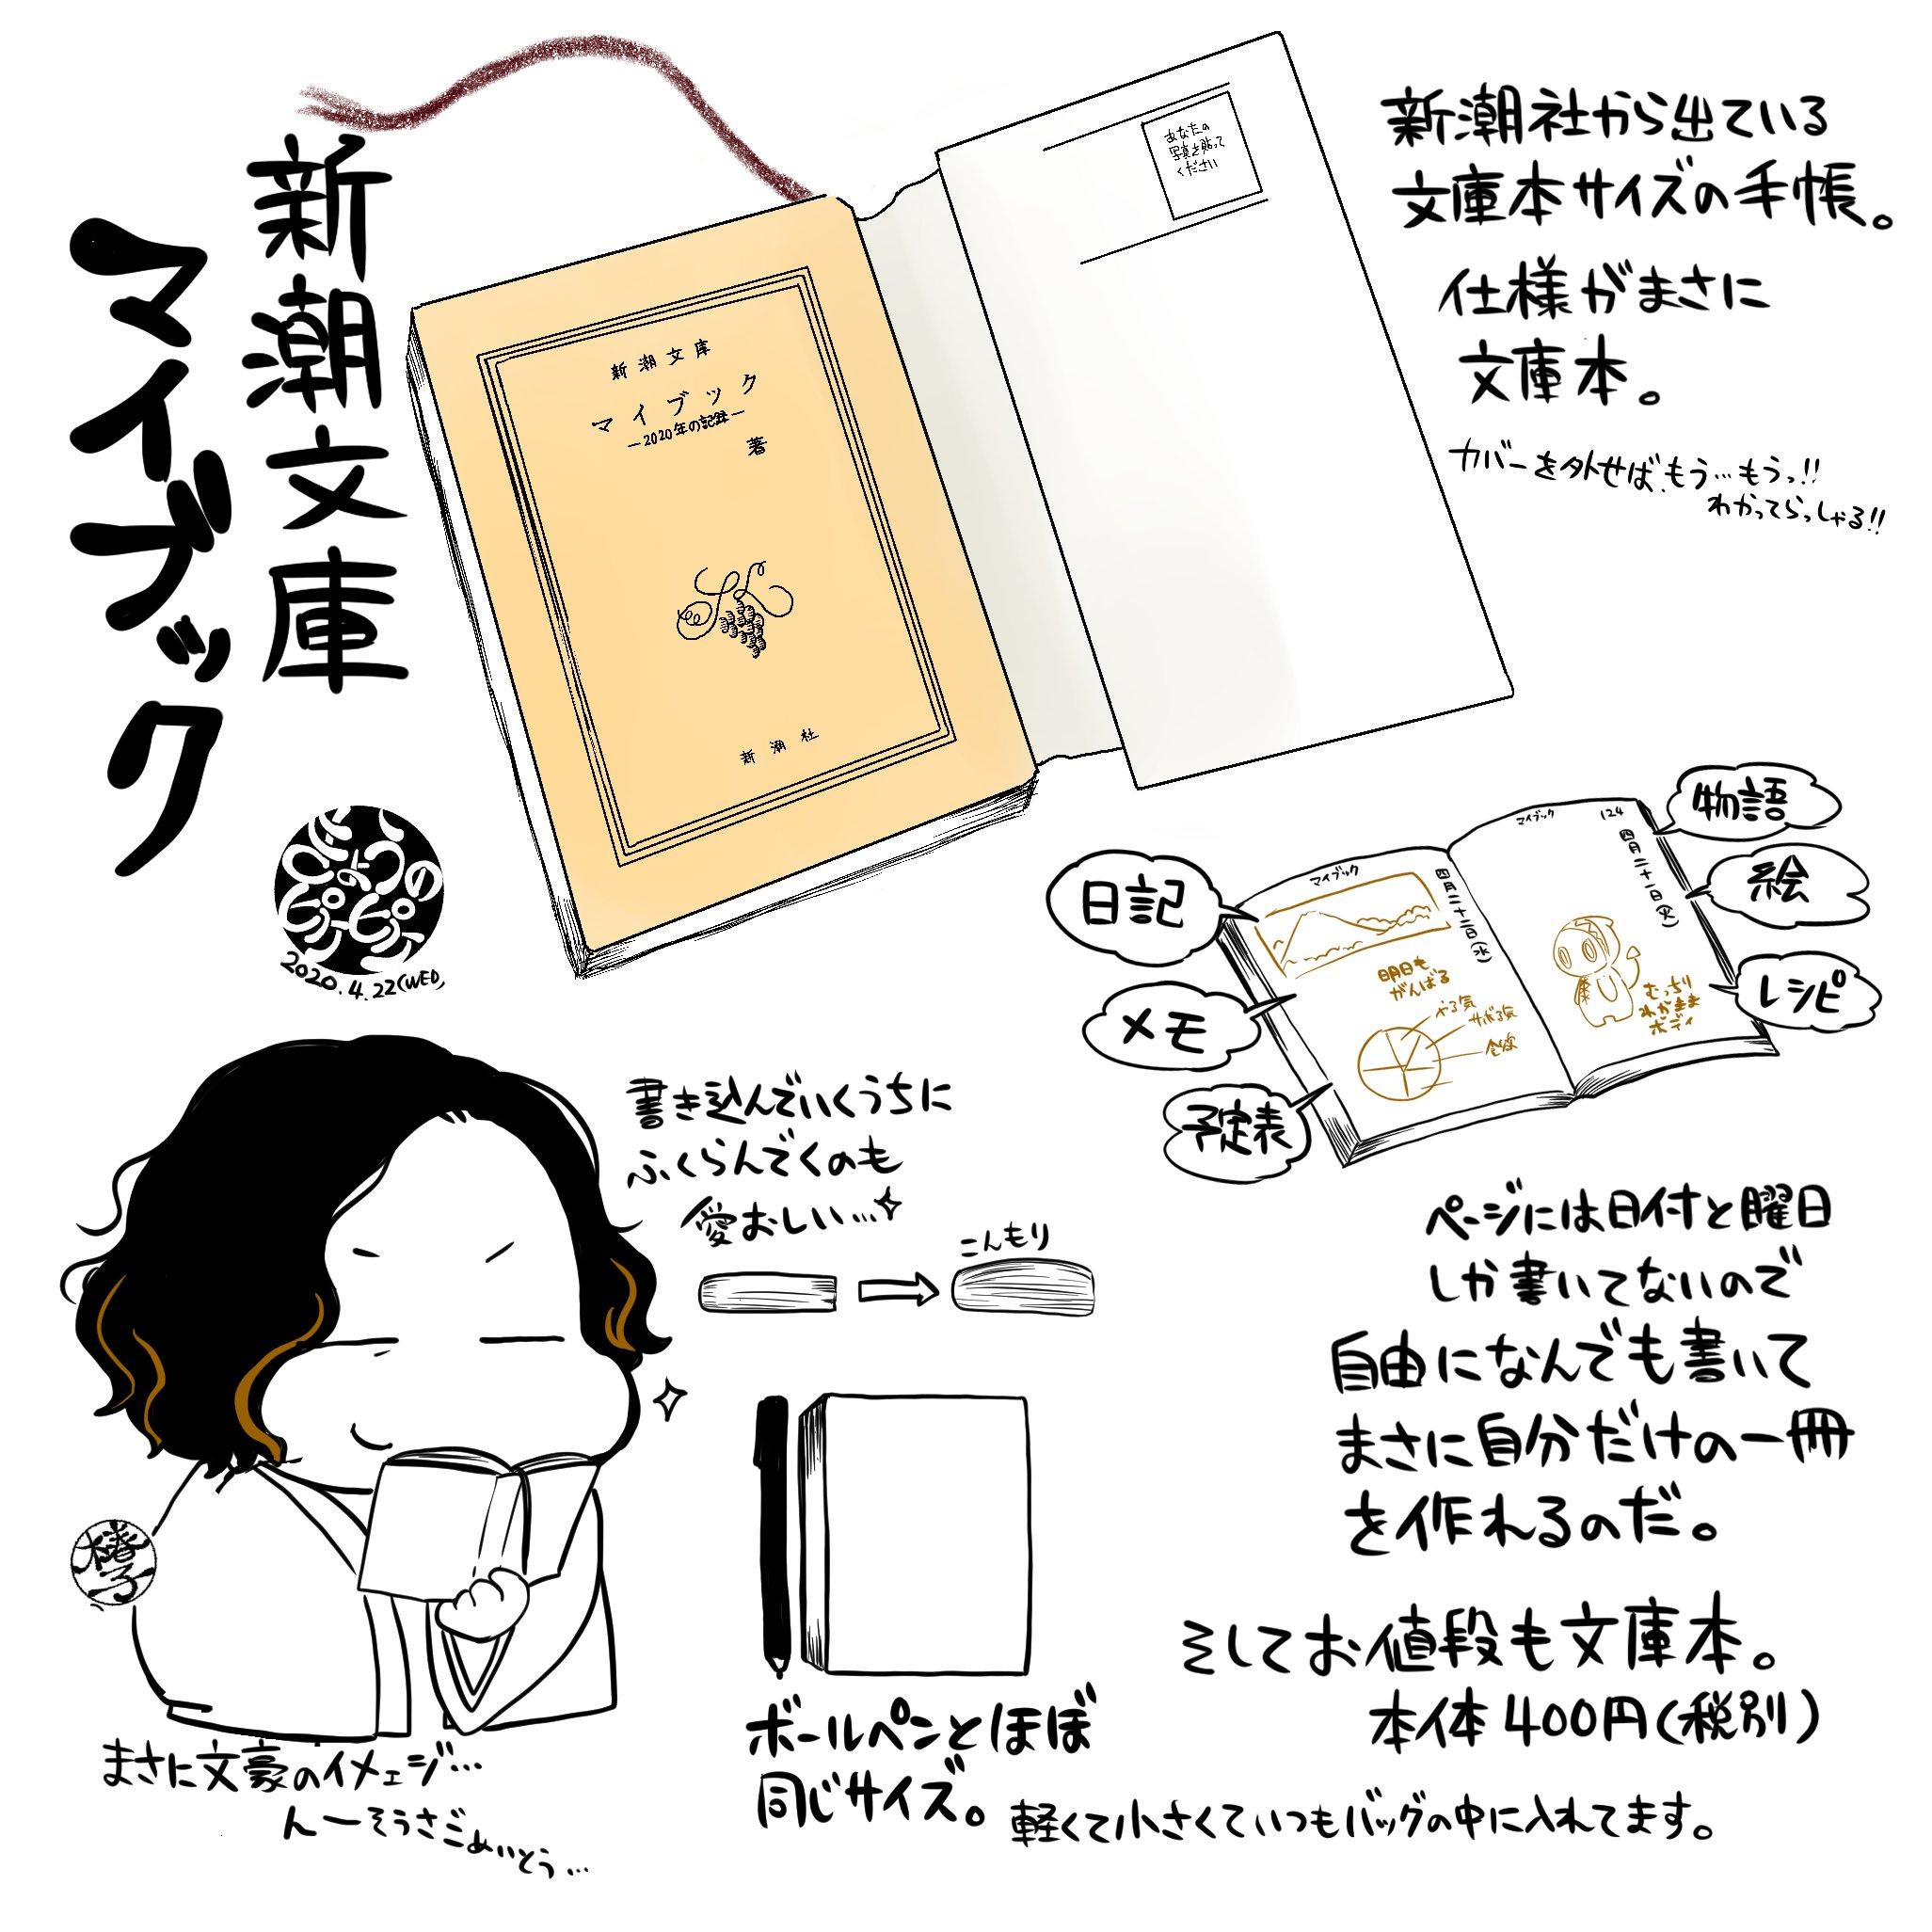 新潮文庫 マイブック